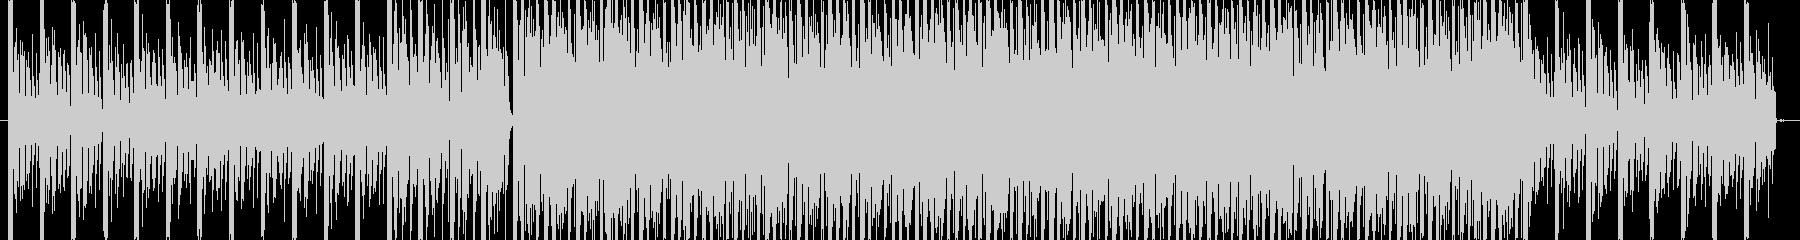 緊迫感のあるサウンドの未再生の波形